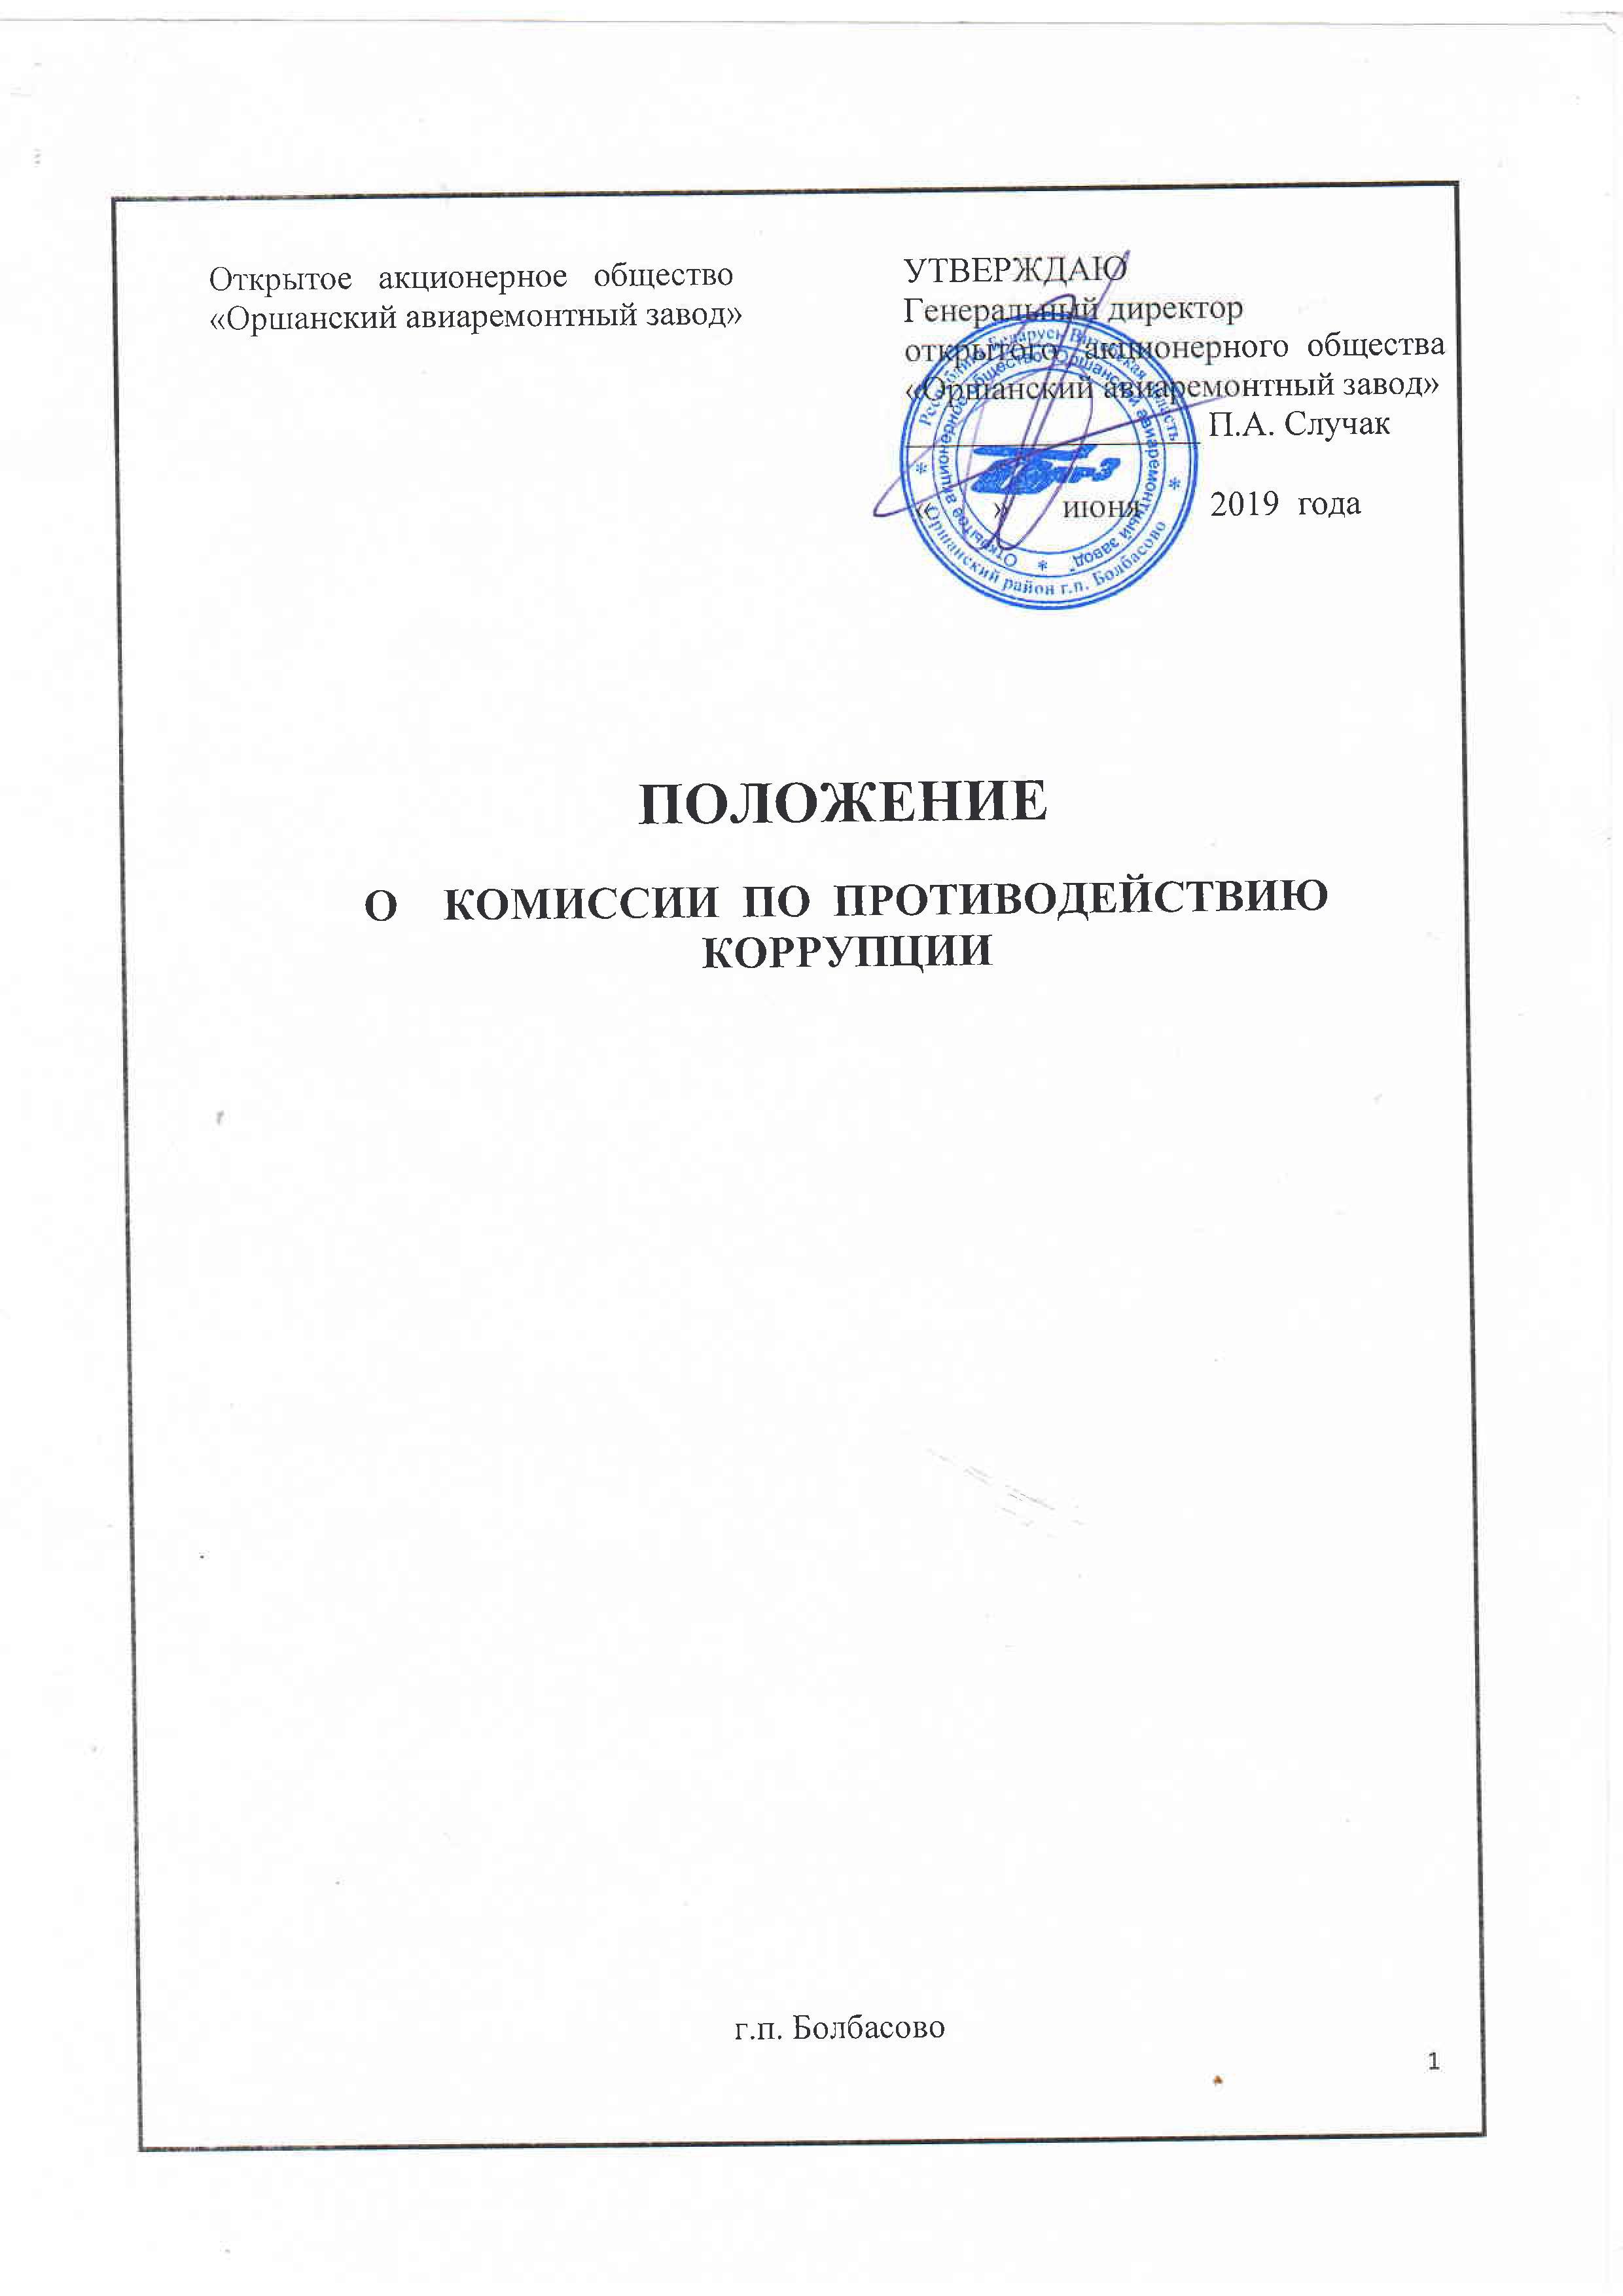 Положение о комиссии по противодействию коррупции. 1 стр.